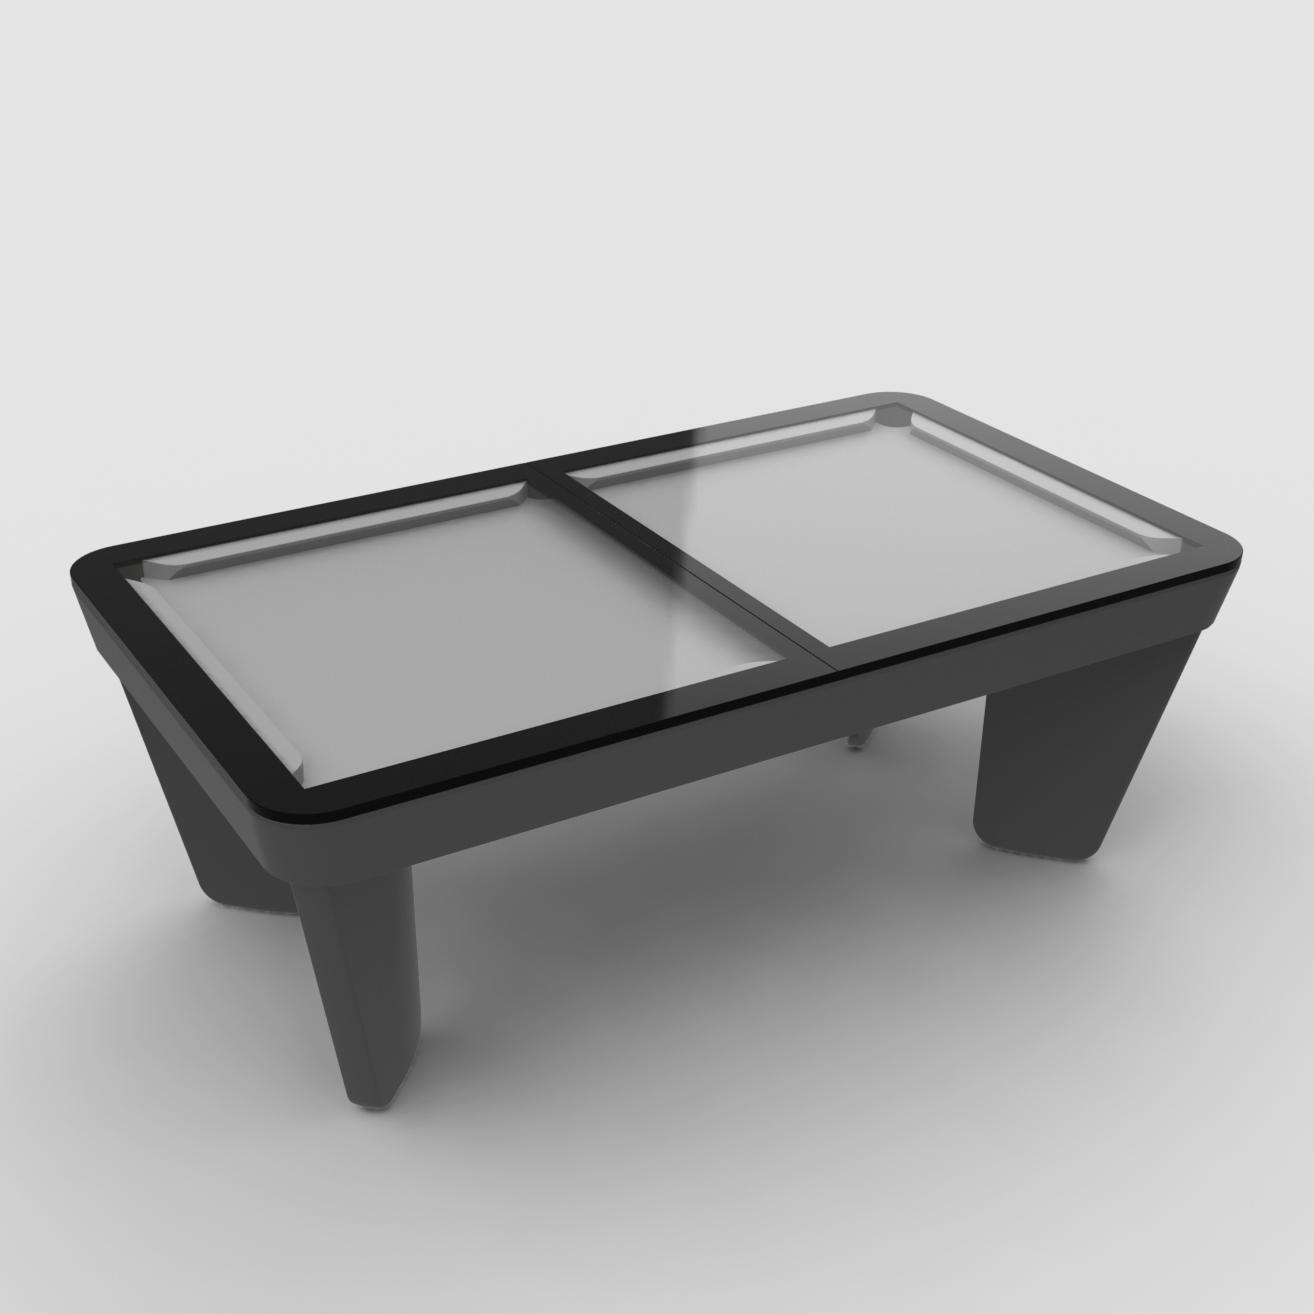 Plateaux table 2 parties en verre